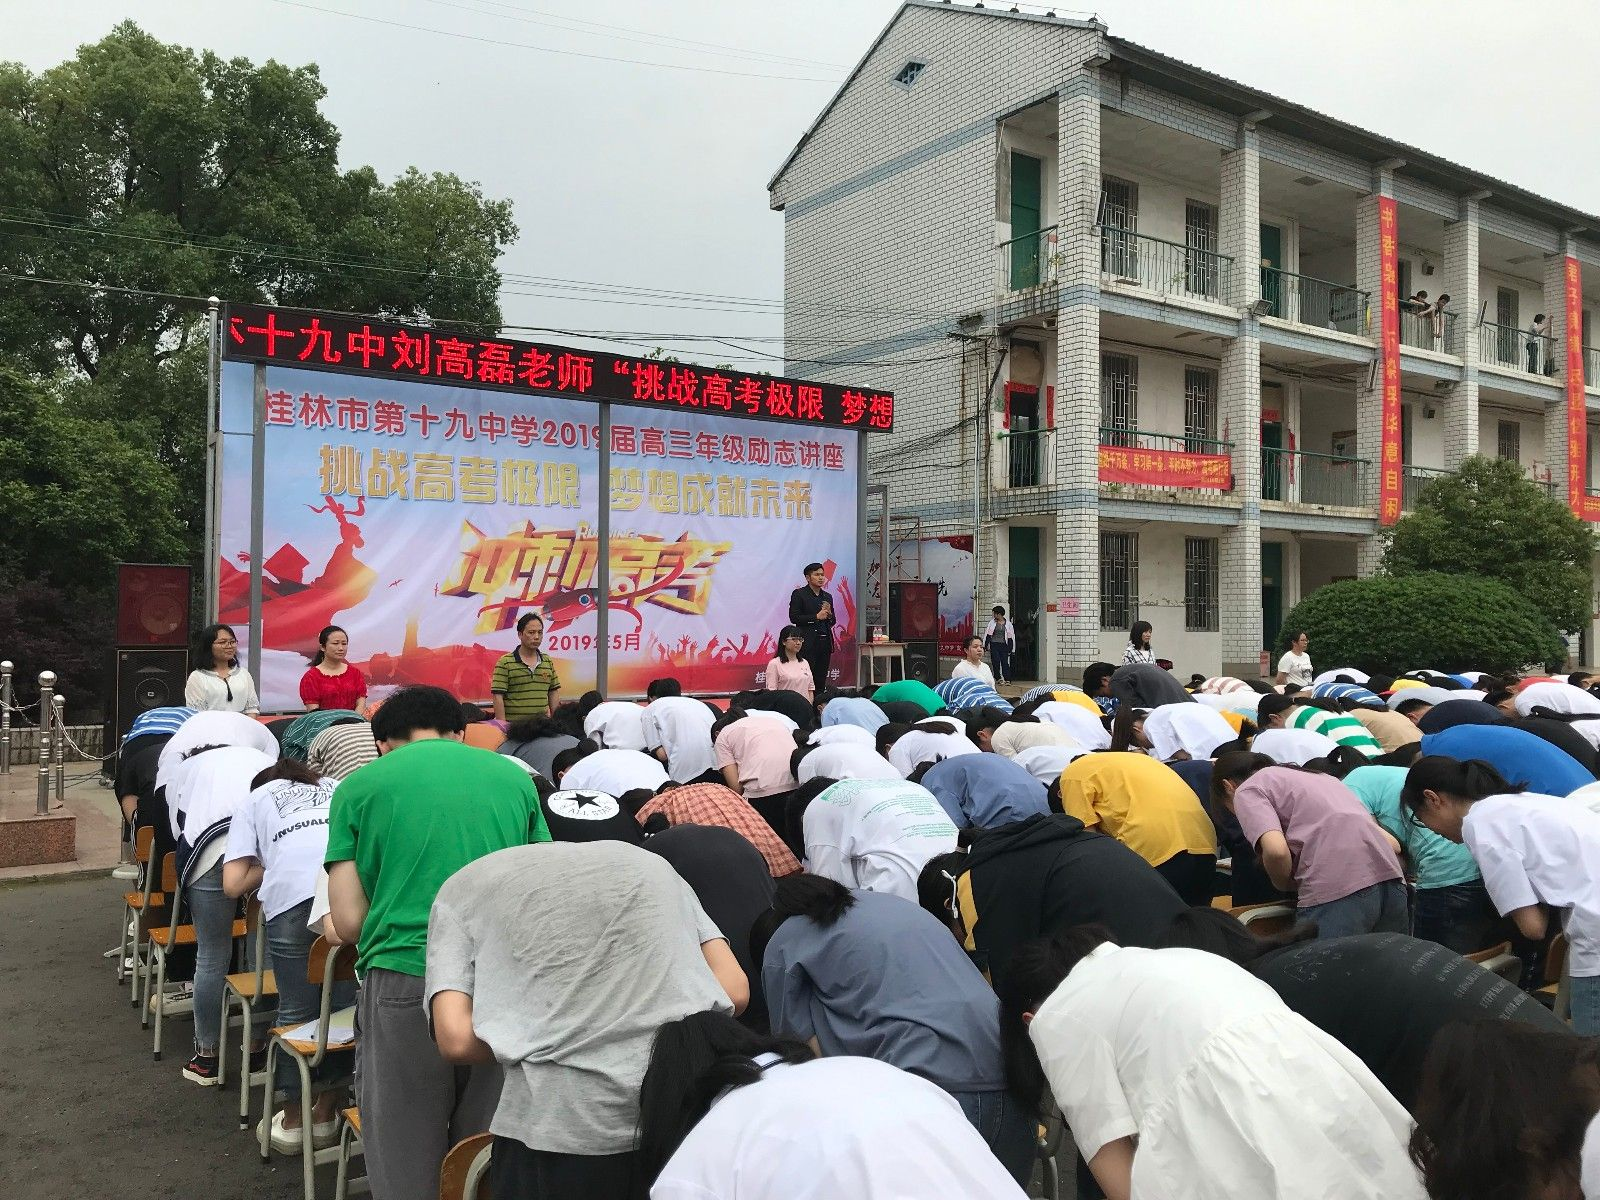 沛县中学网站_高考励志演讲行程-高考励志演讲|善朝教育